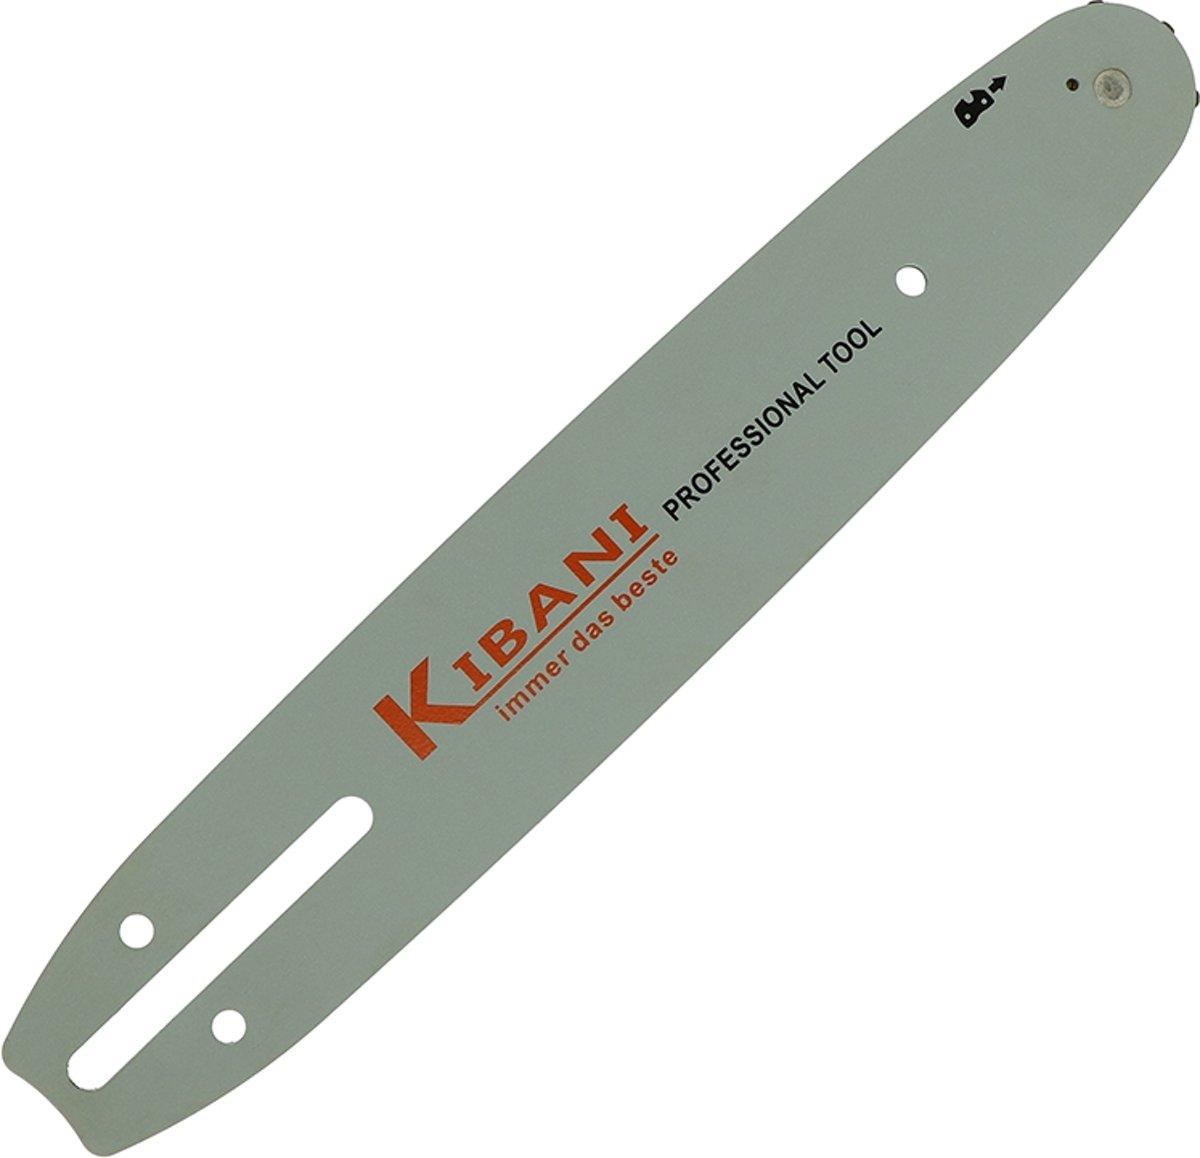 kibani zaagblad 10 inch / 25 cm